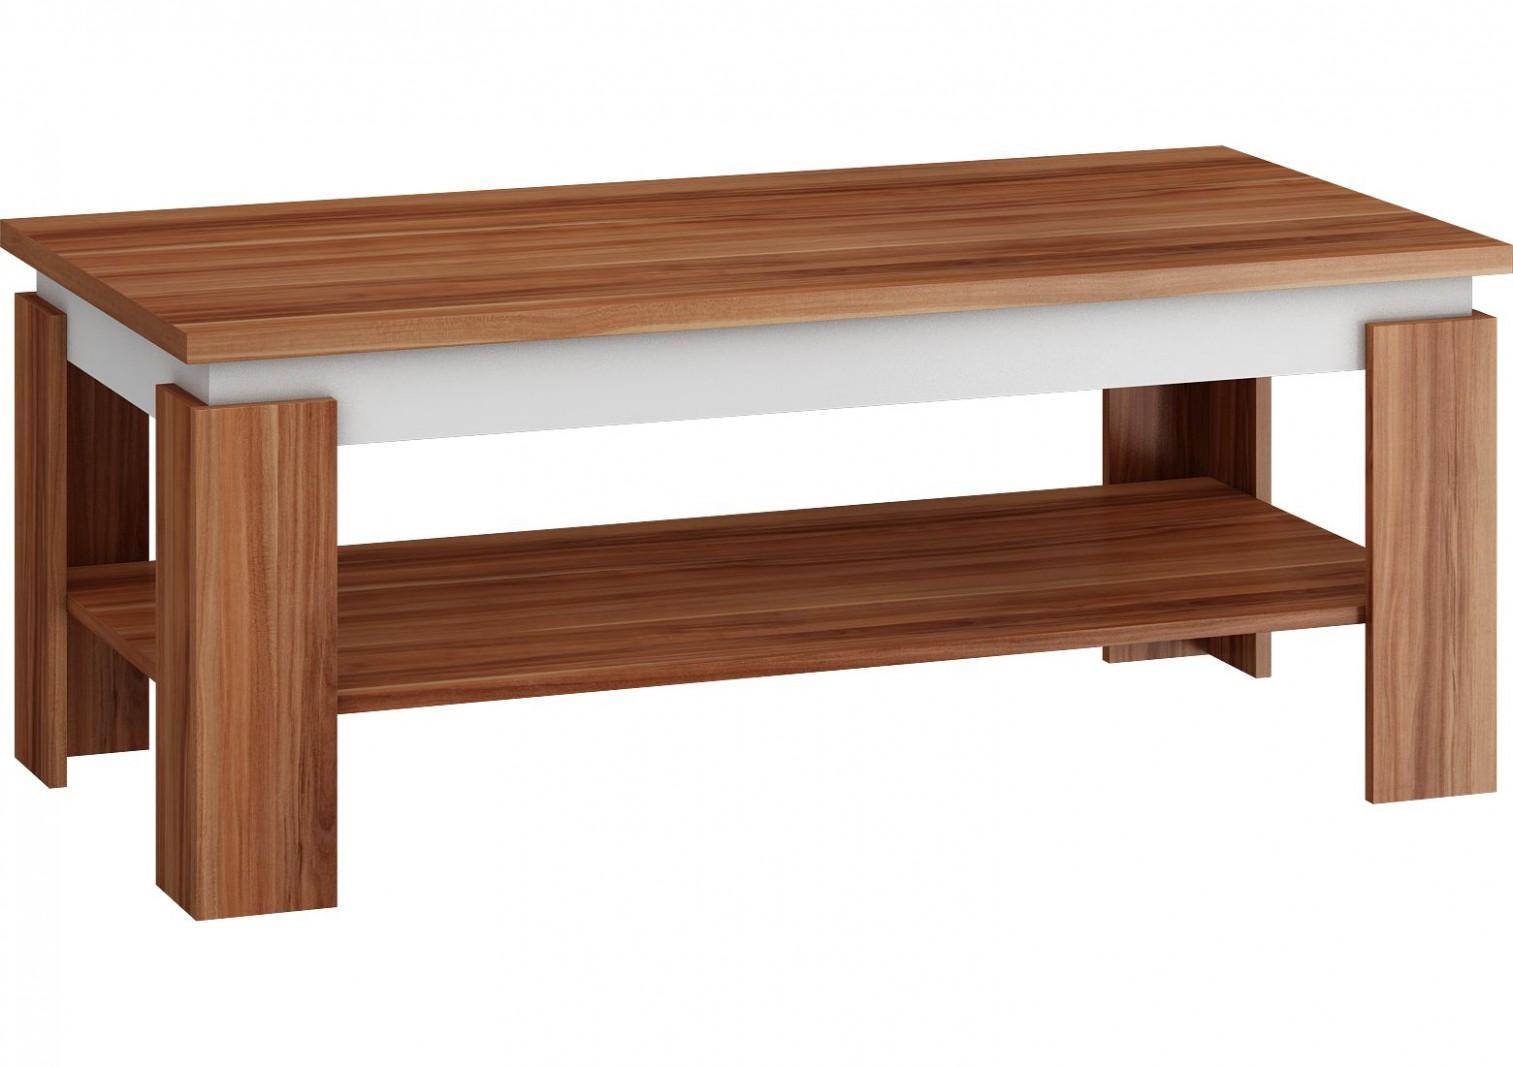 Obraz Idea Nejlepší Konferenční stolek z palety